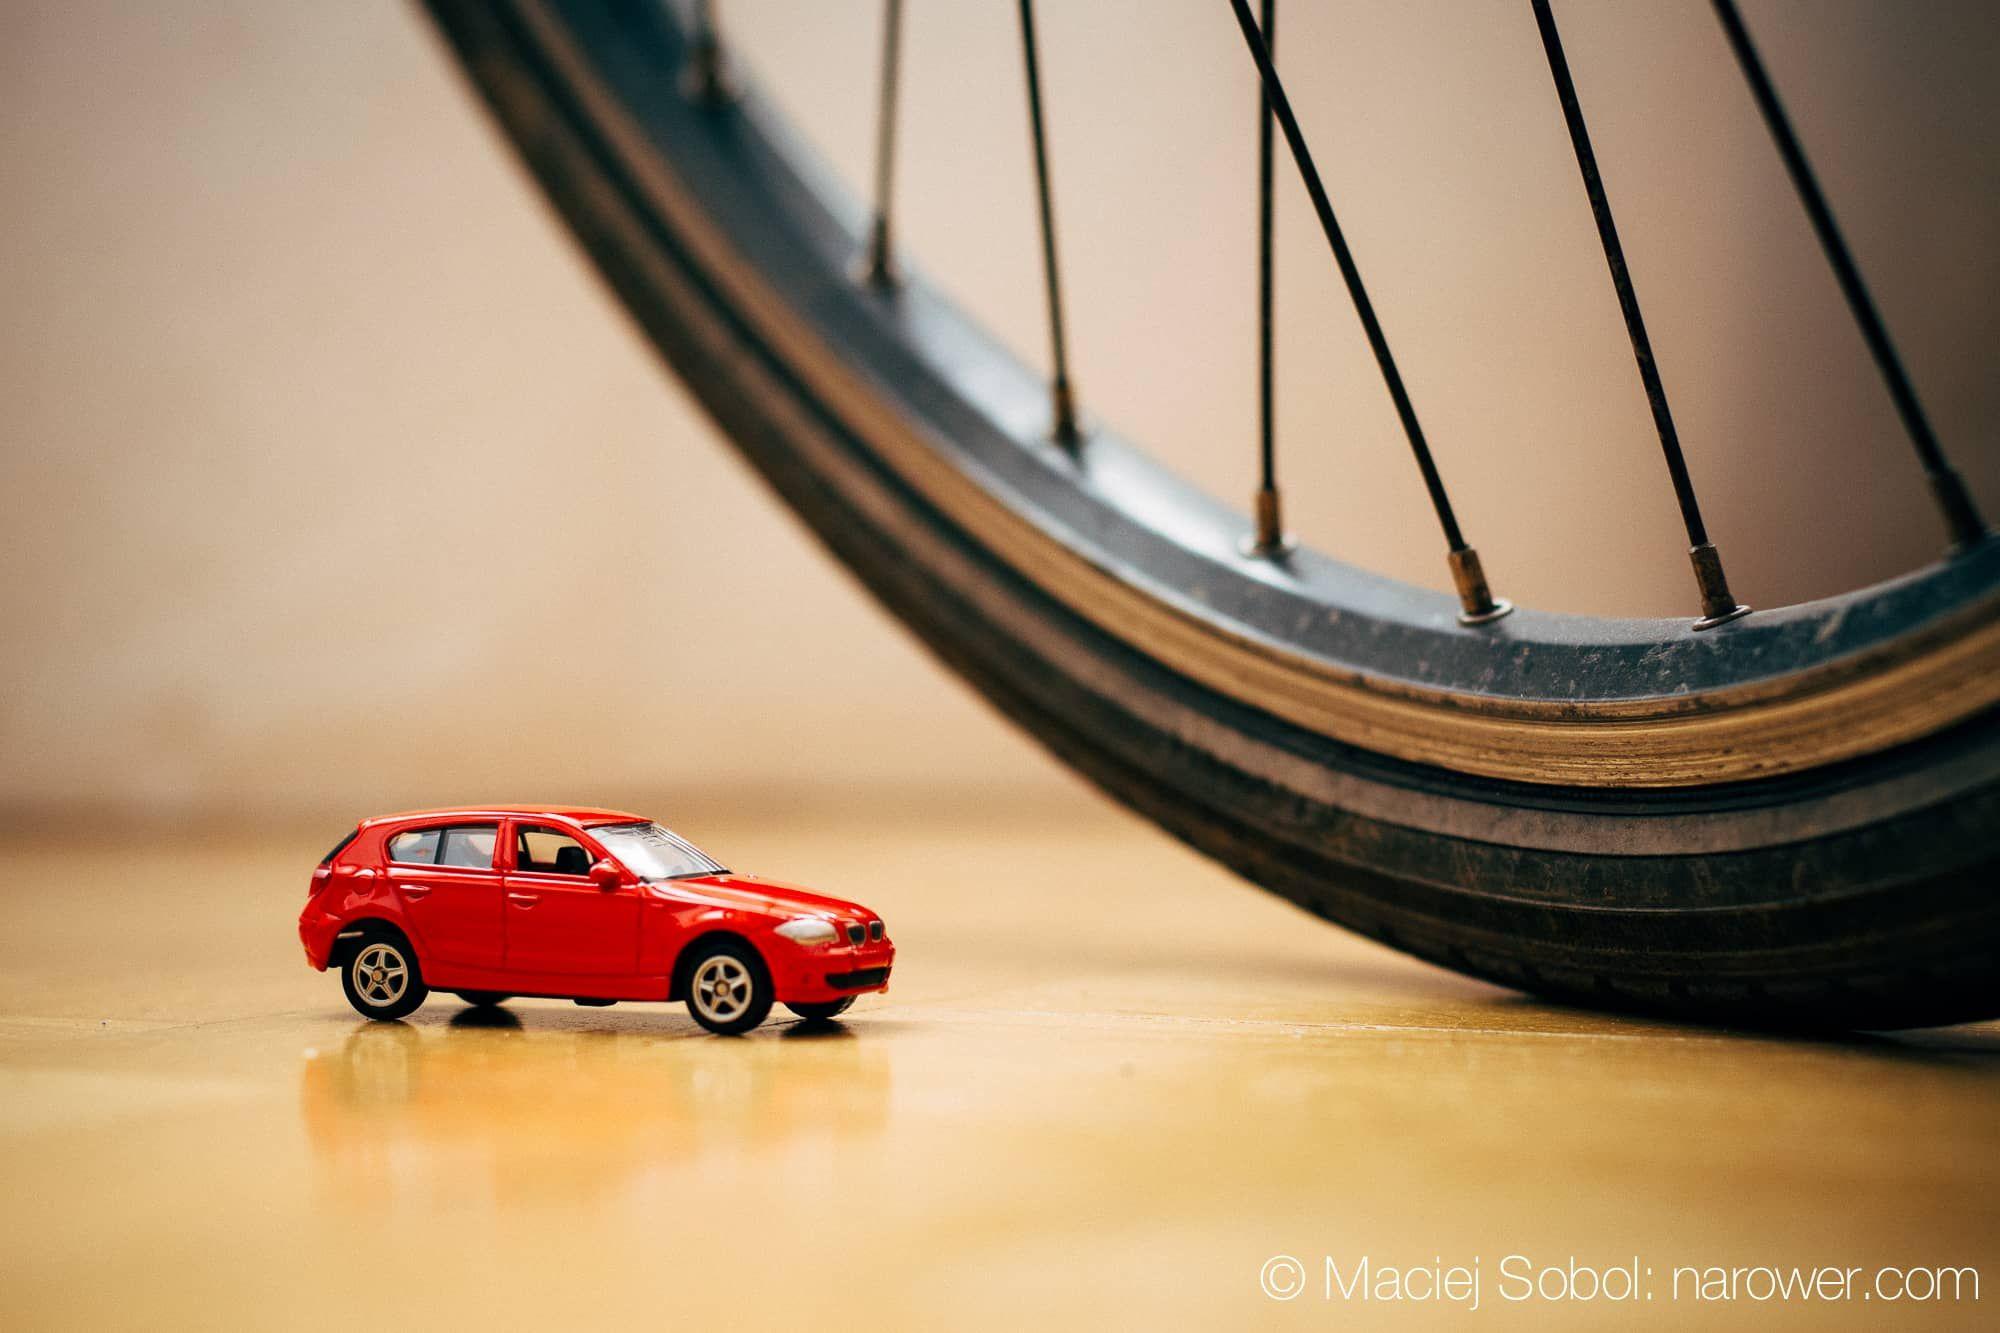 Siedem typów rowerzystów miejskich narower.com